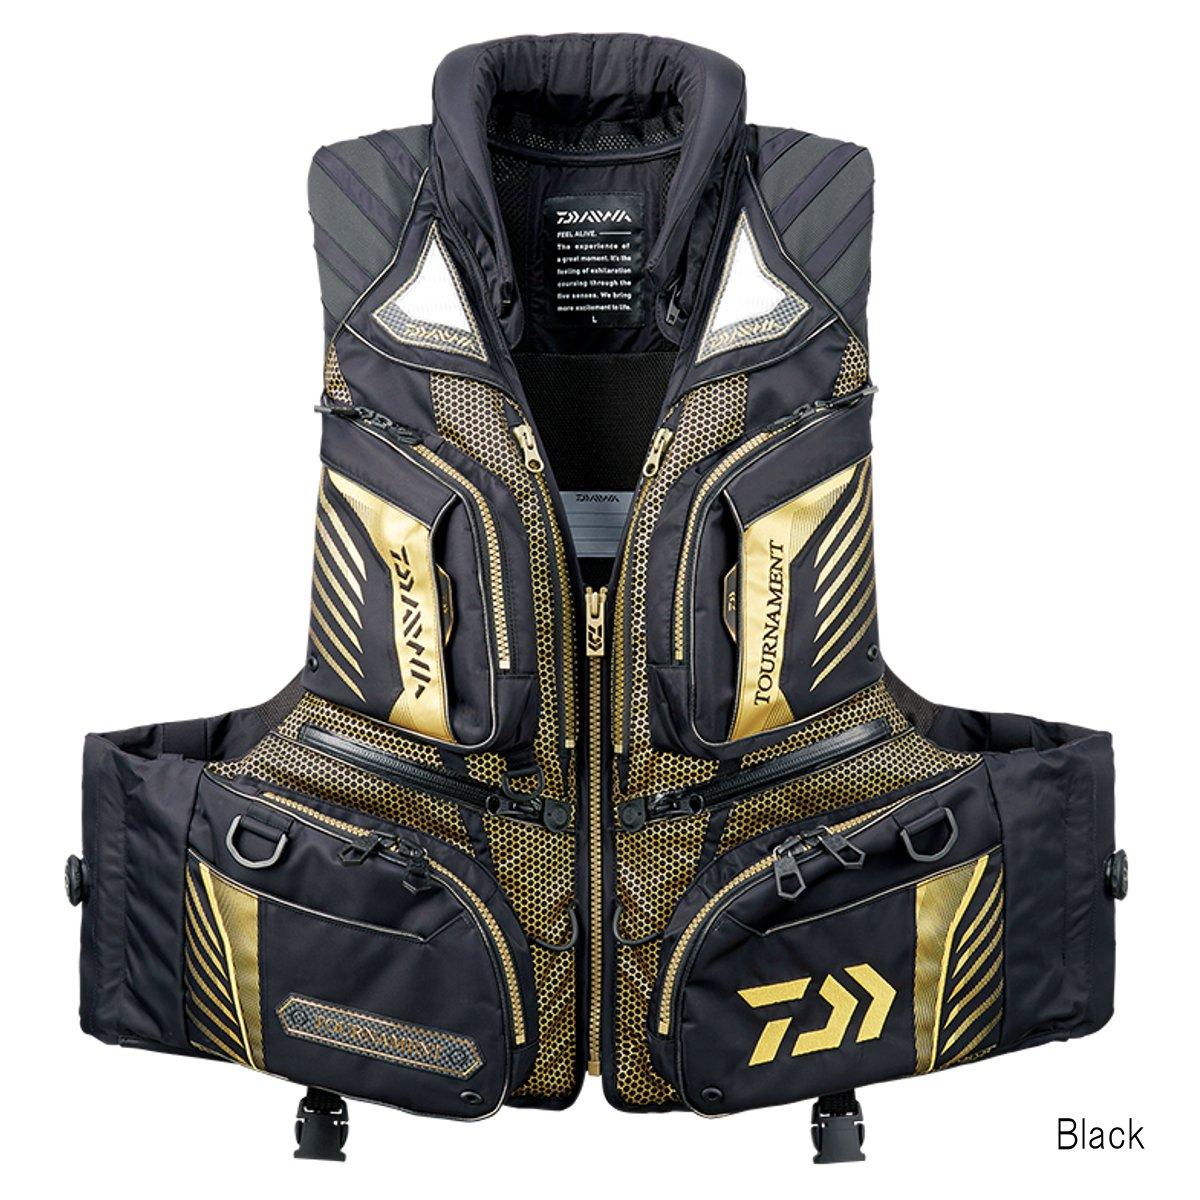 ダイワ トーナメント バリアテック 枕つきサイバーフロート DF-3108T M Black【送料無料】